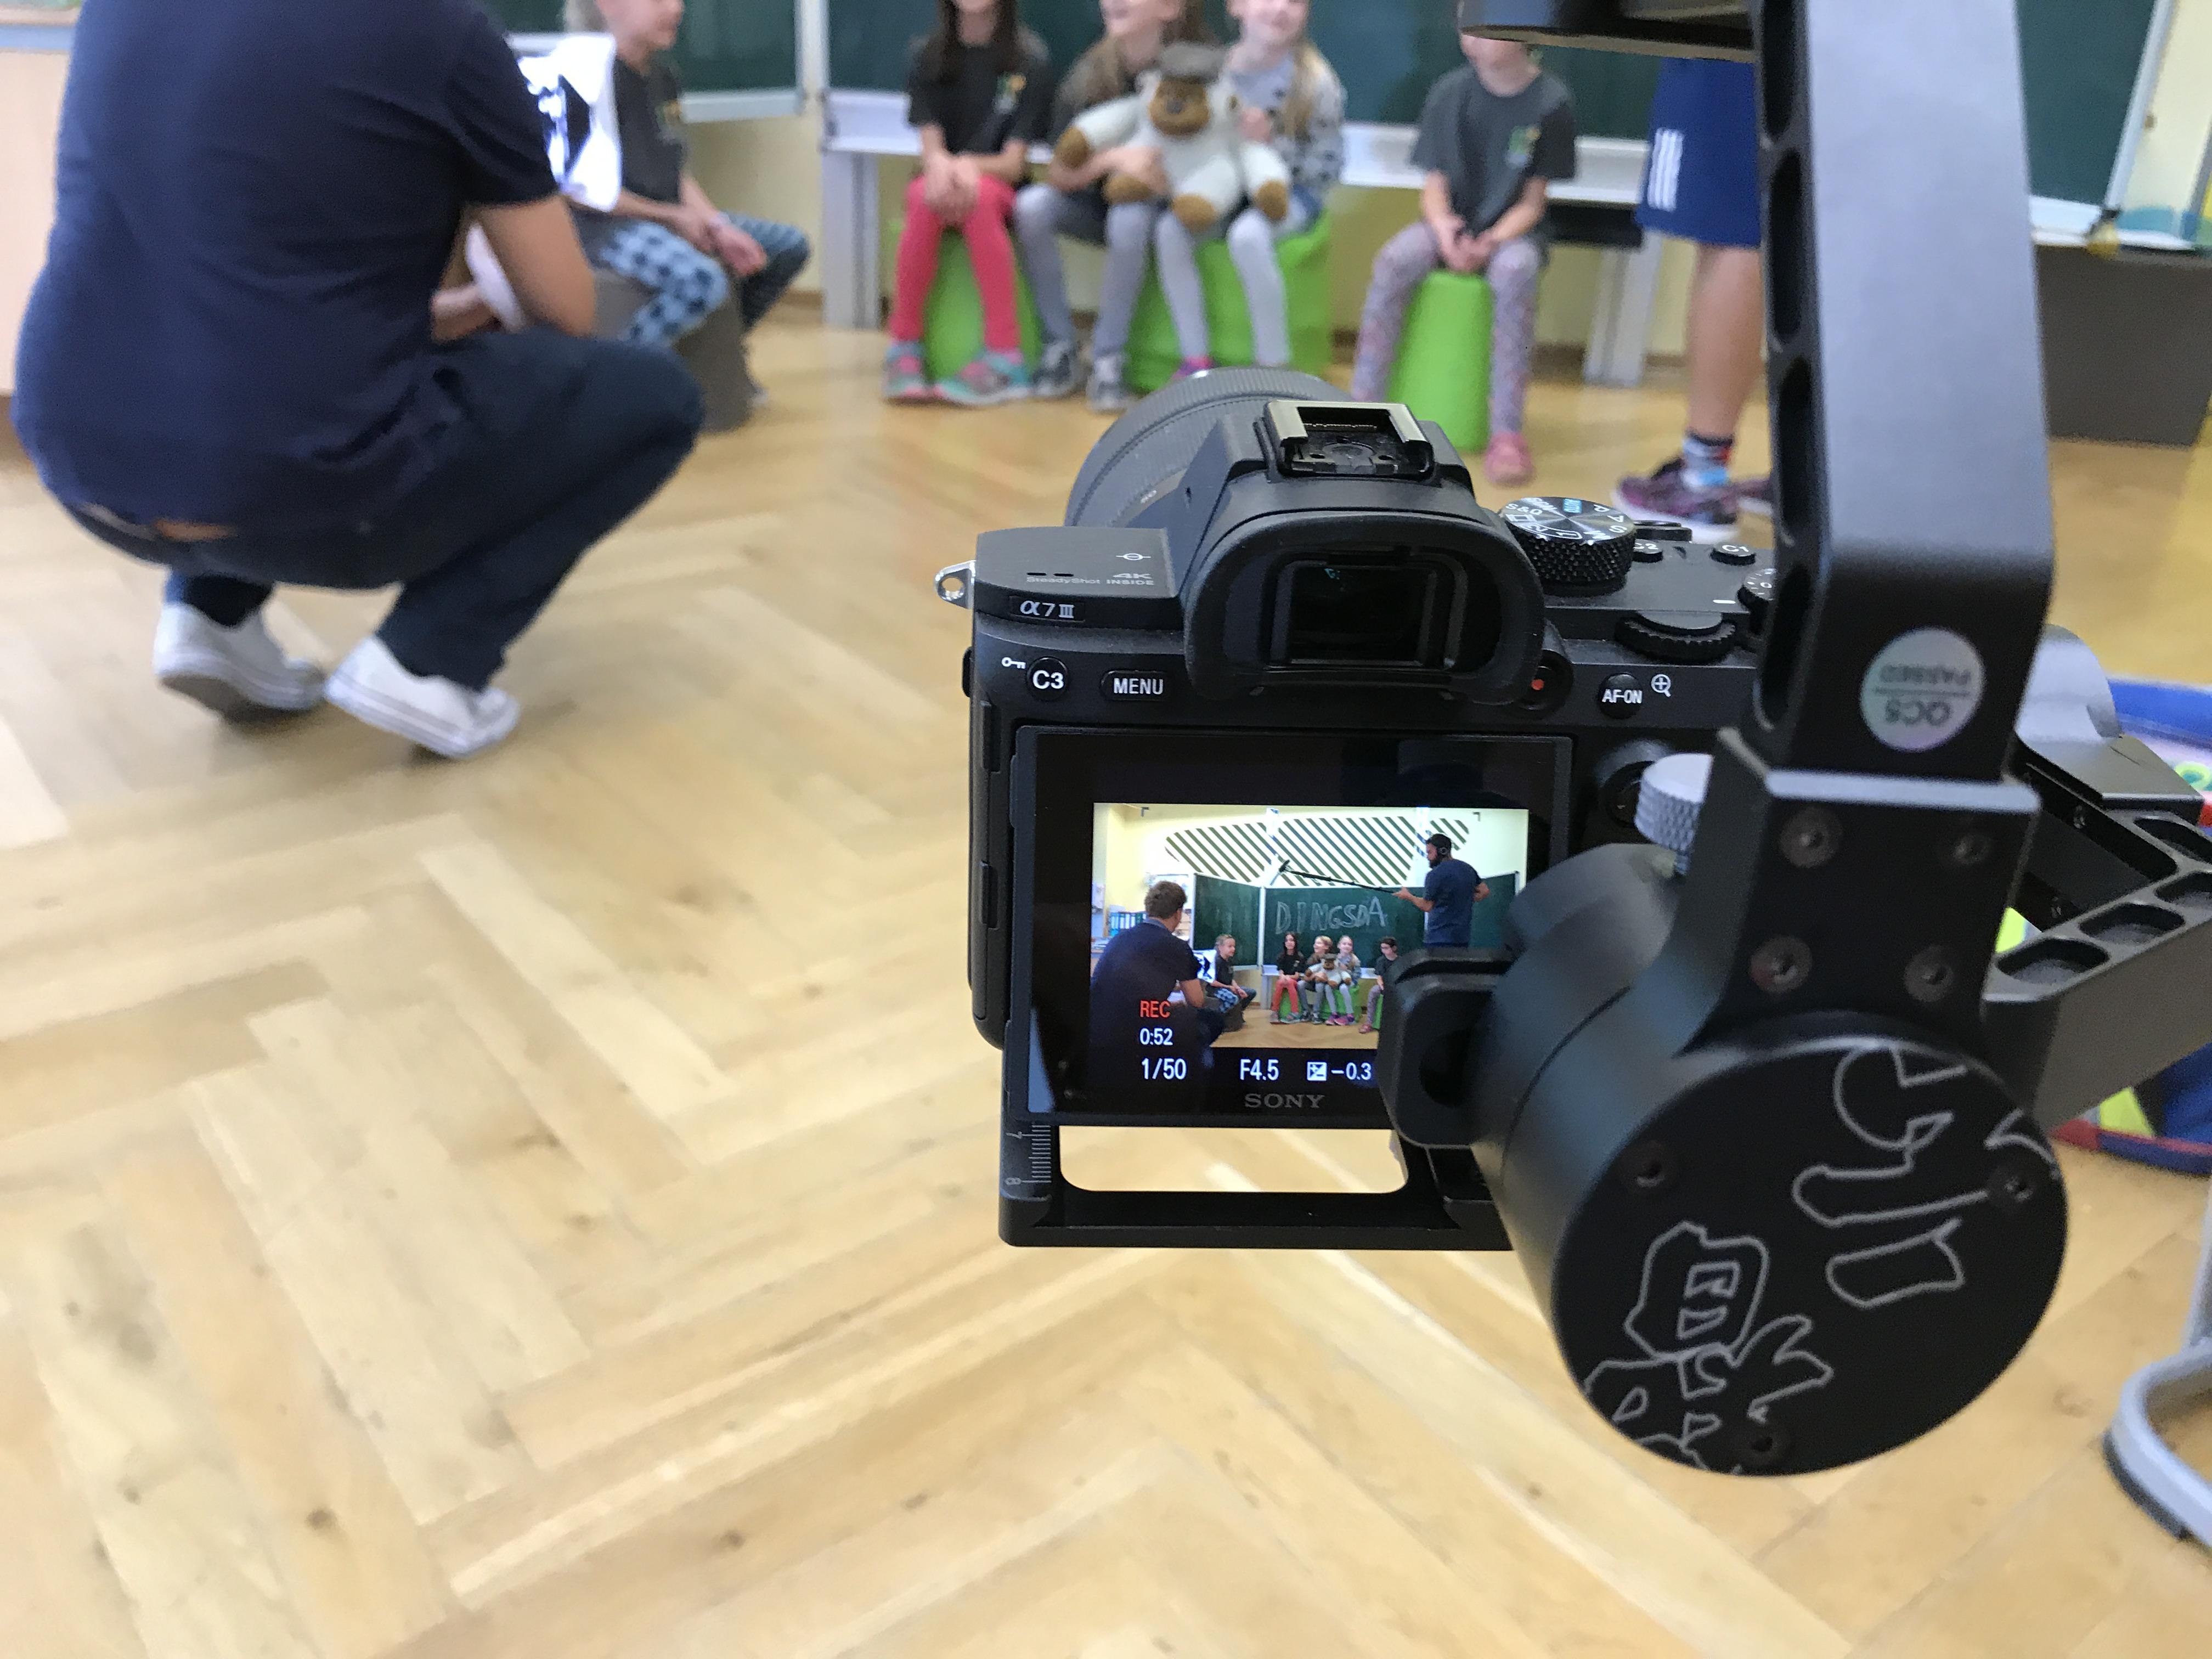 Videoclipdreh mit Volkswagen Immobilien